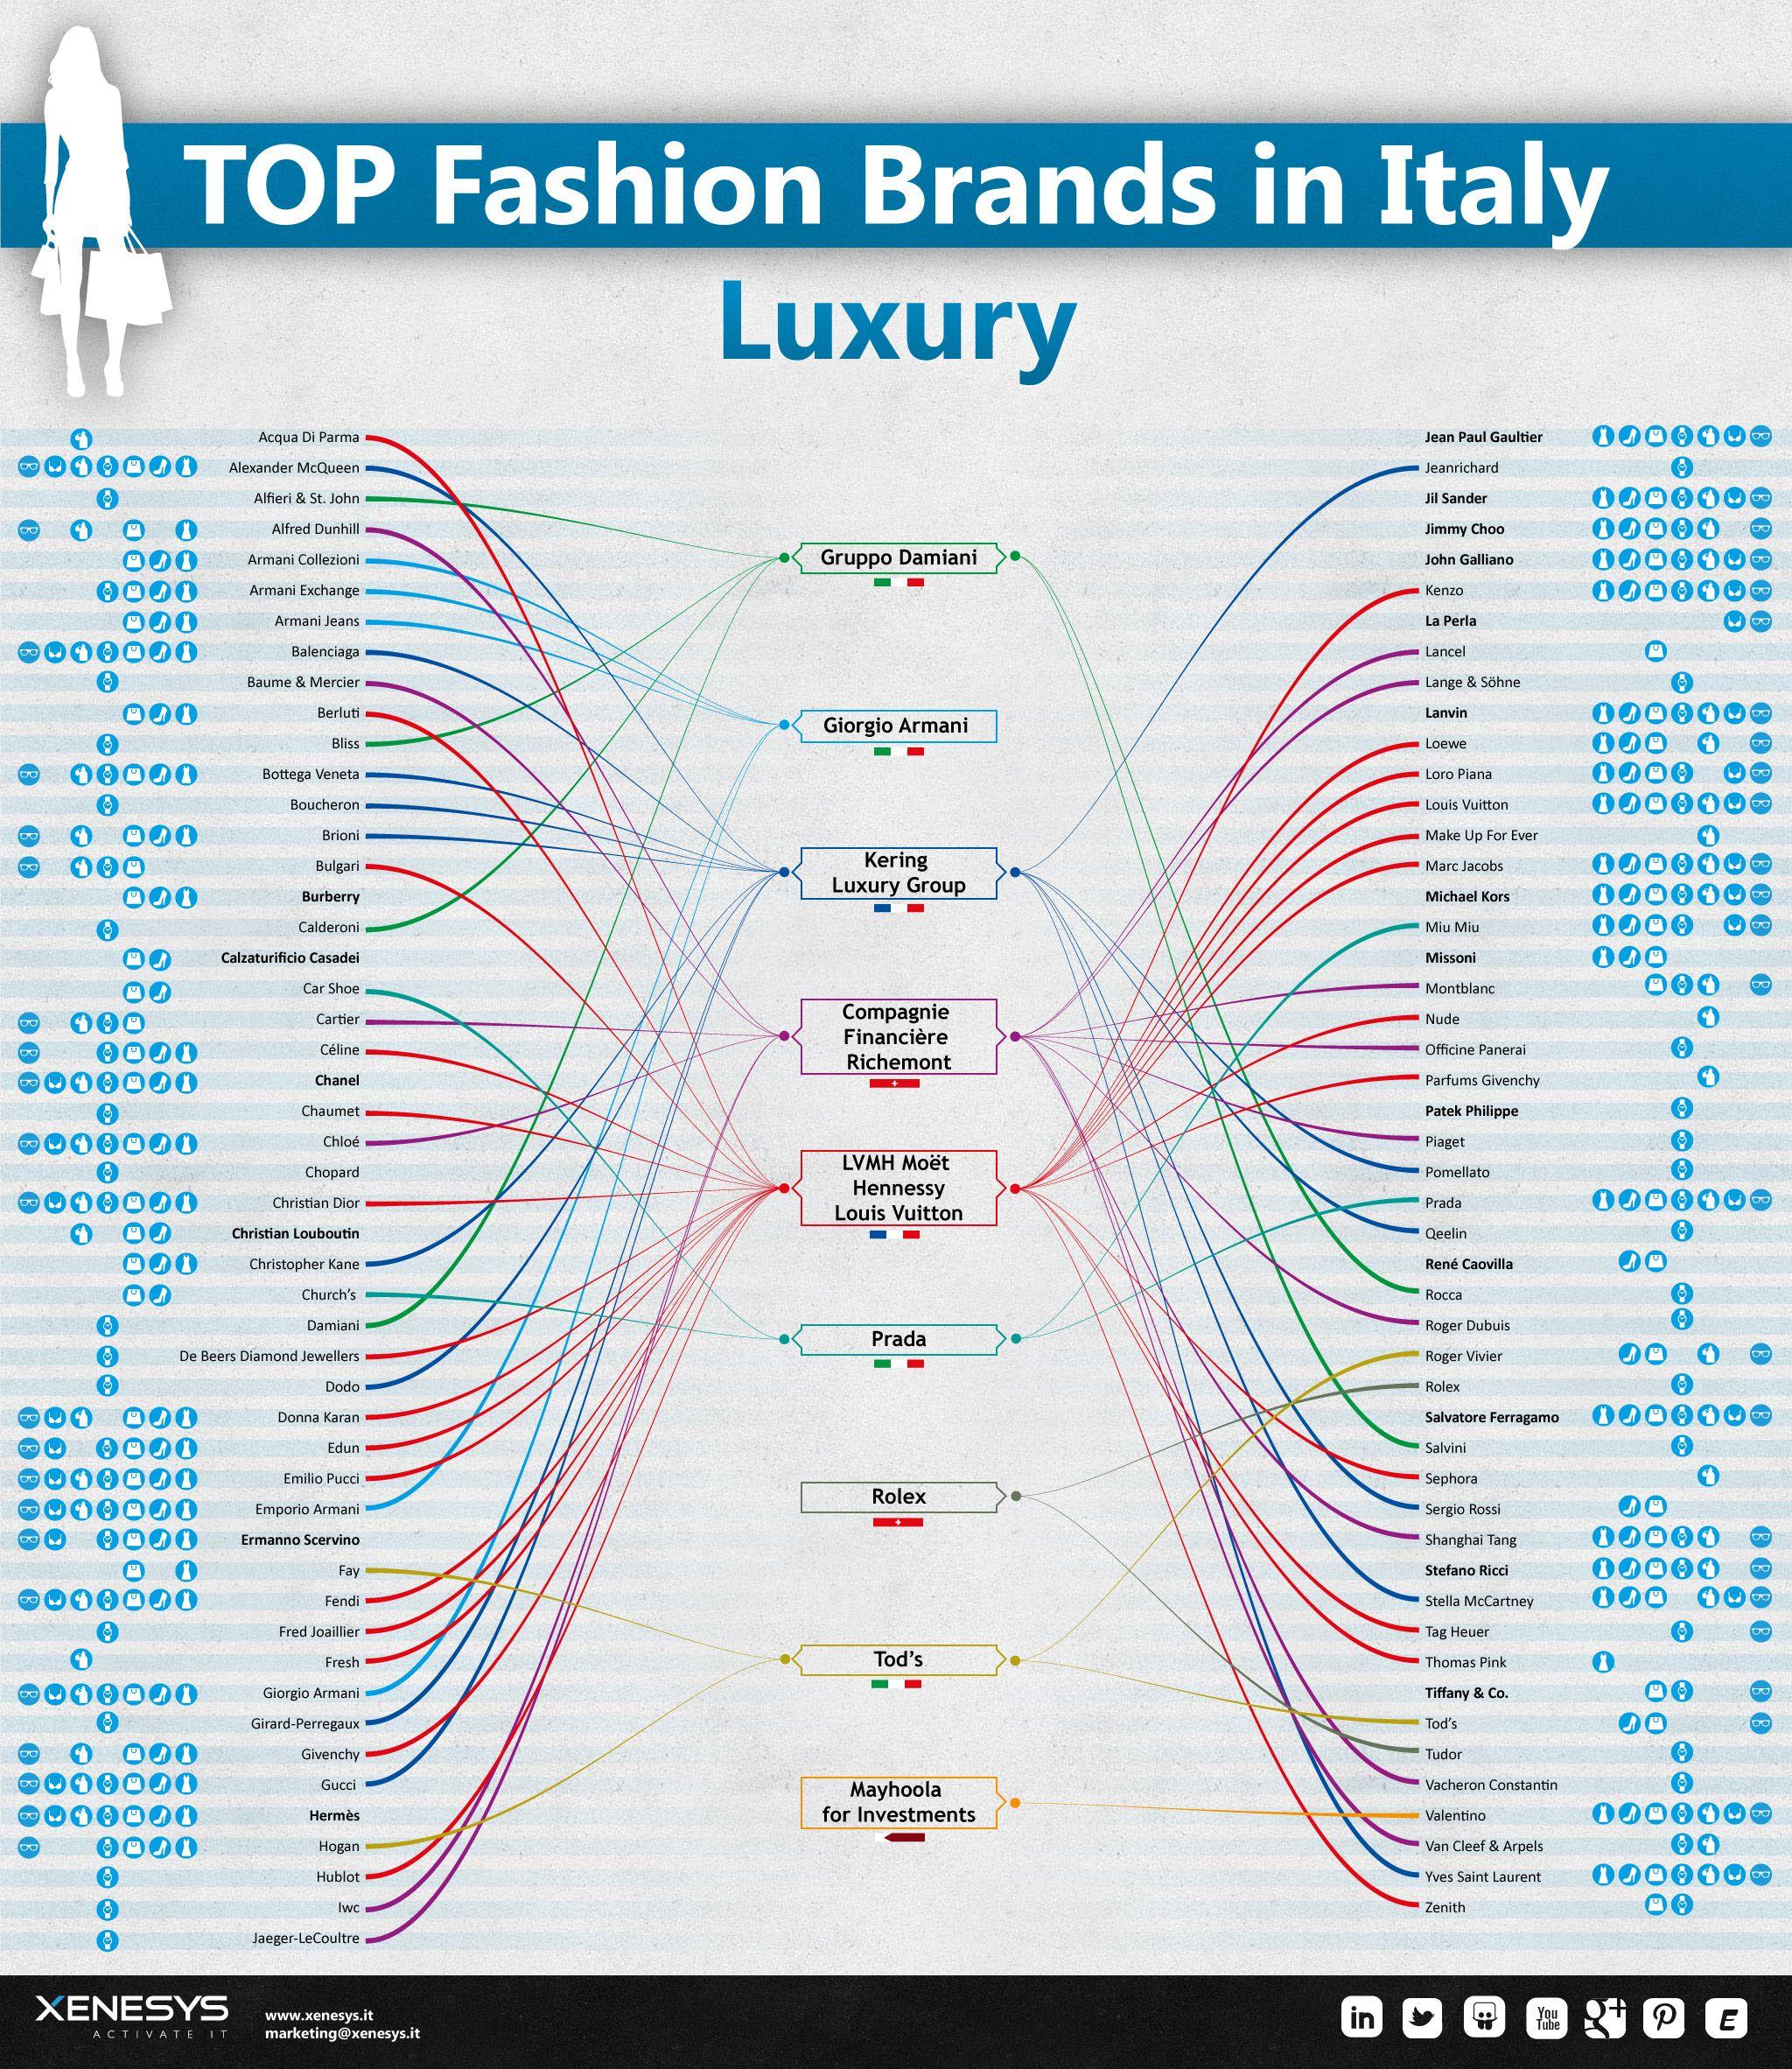 Il mondo del #fashion è complesso? Vogliamo fare chiarezza tra società affermate, gruppi multinazionali e brand emergenti. Aggiornamento dell'infografica dedicata ai top fashion brand in Italia. Quali marche sono sinonimo di #lusso?